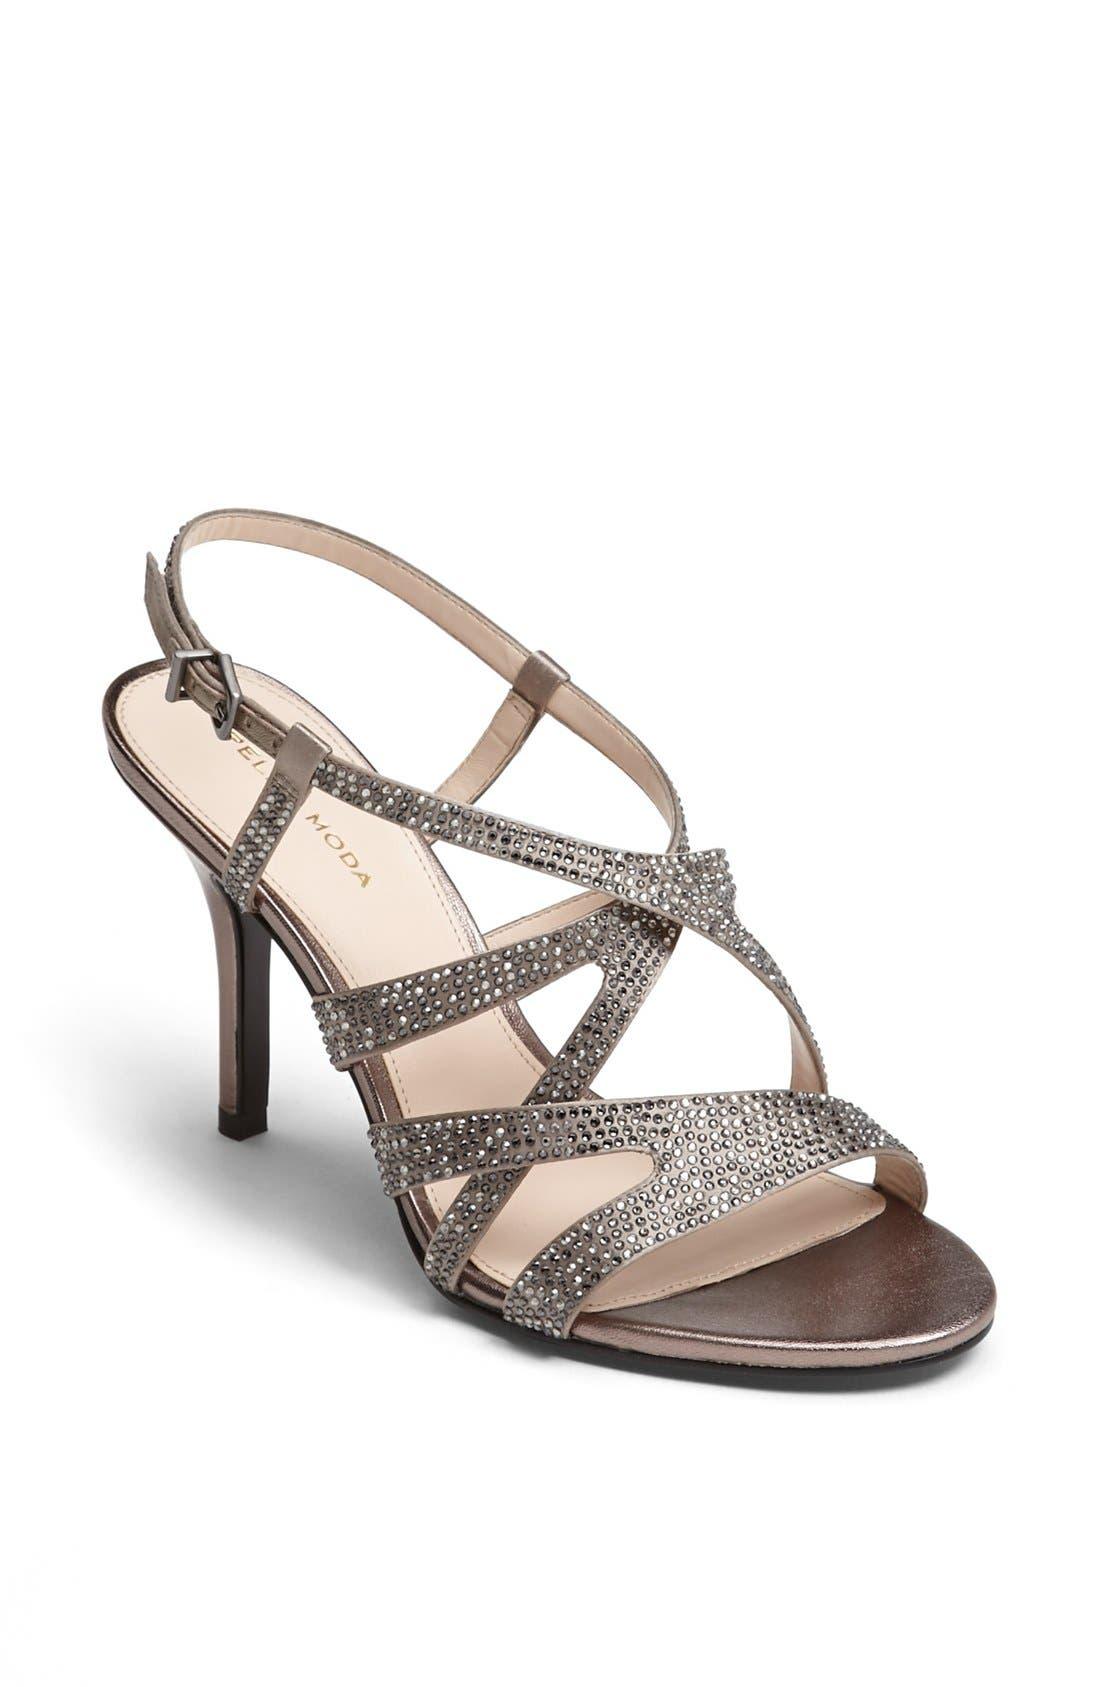 Main Image - Pelle Moda 'Rinae' Sandal